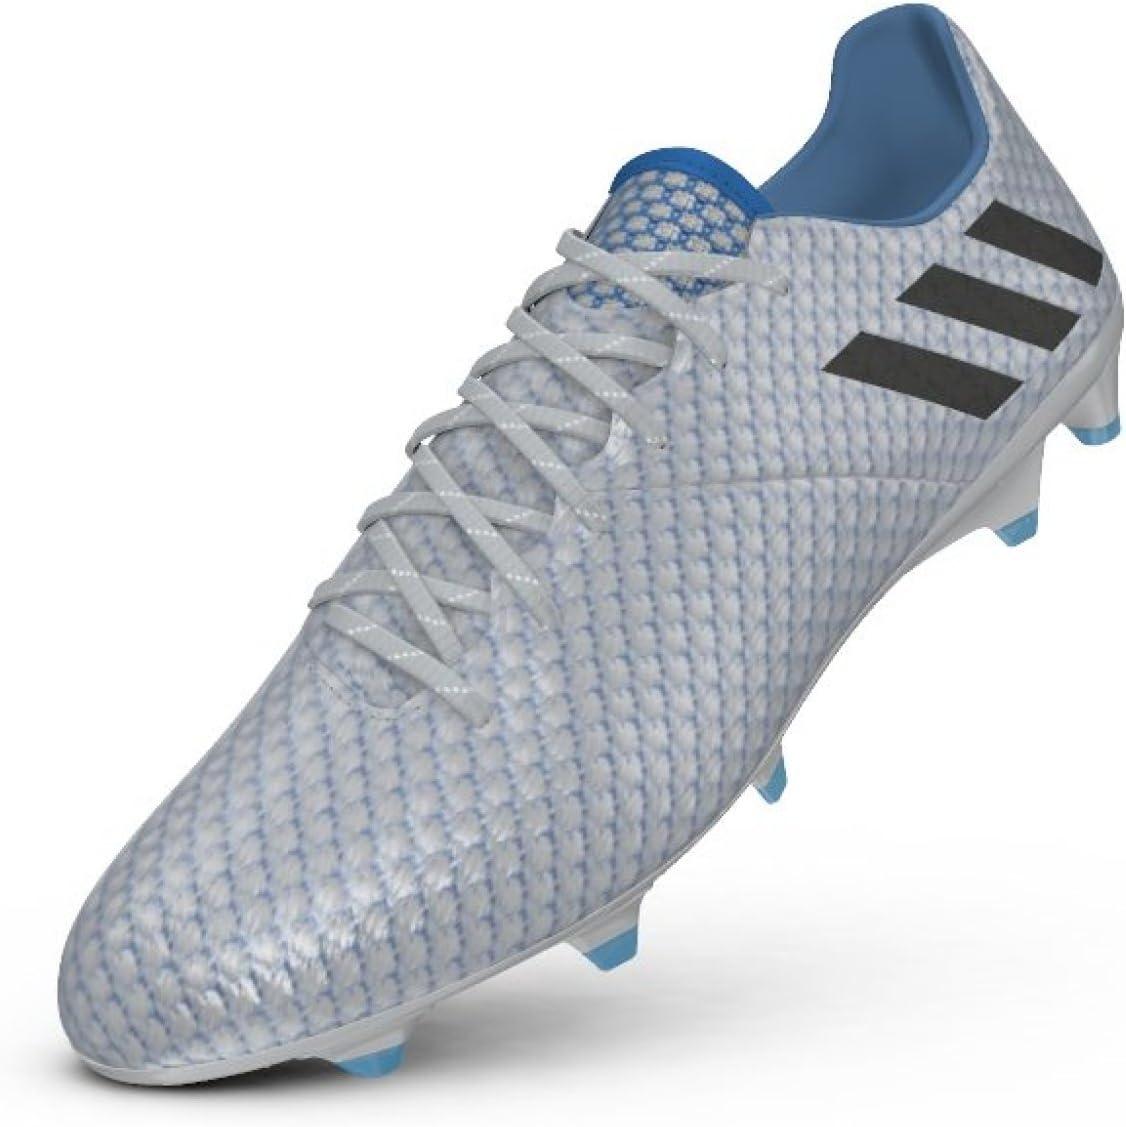 adidas Messi 16.1 Fg Silver/Black